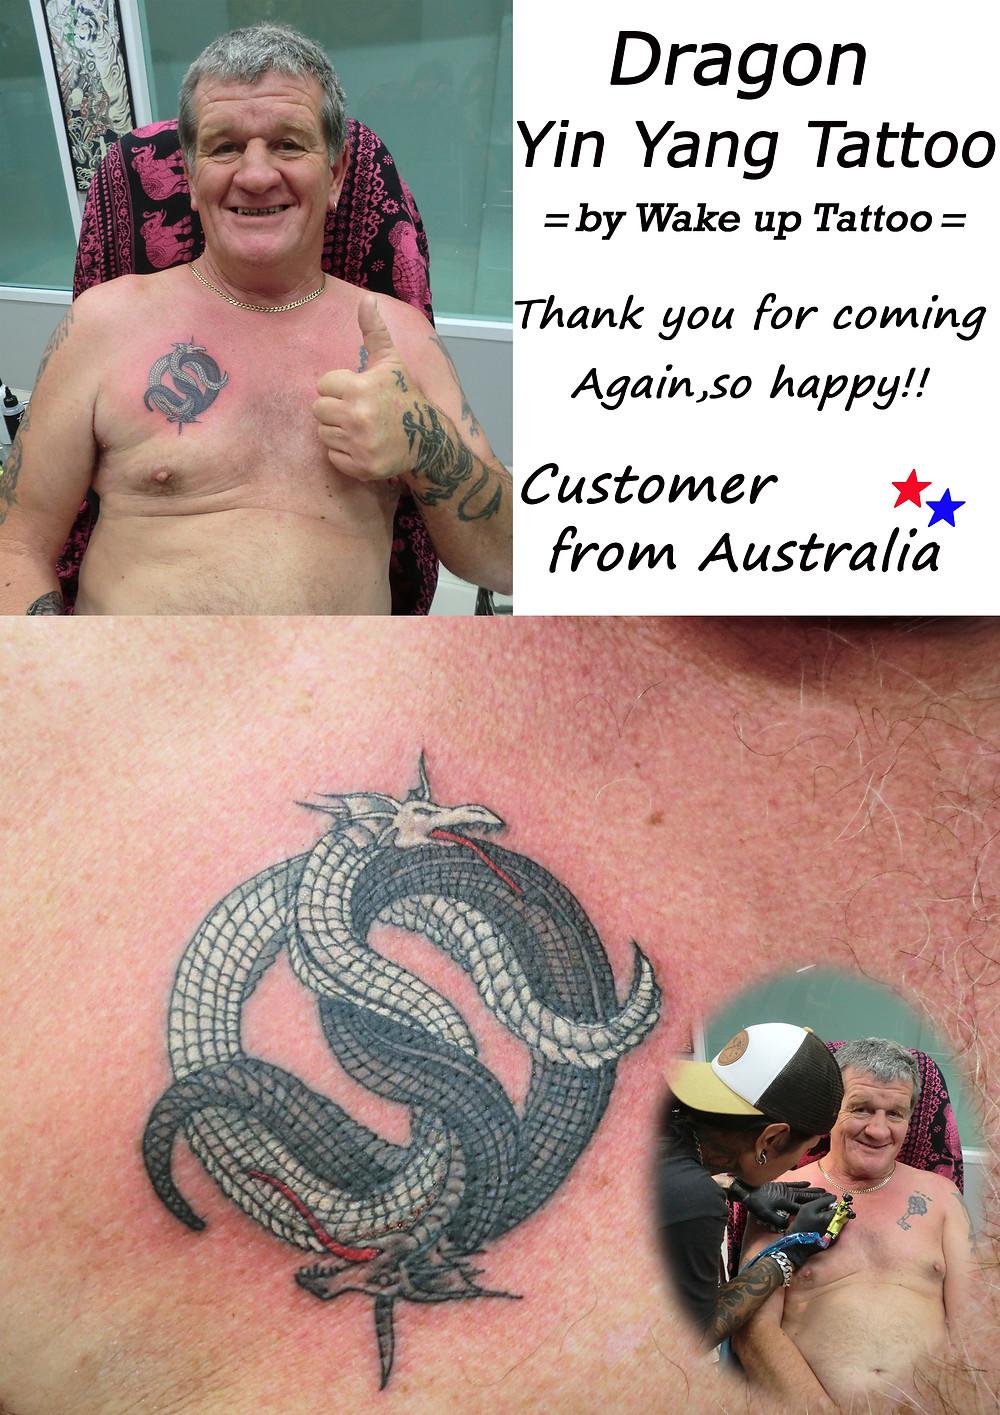 Dragon Yin Yang Tattoo by Wake up Tattoo Phuket